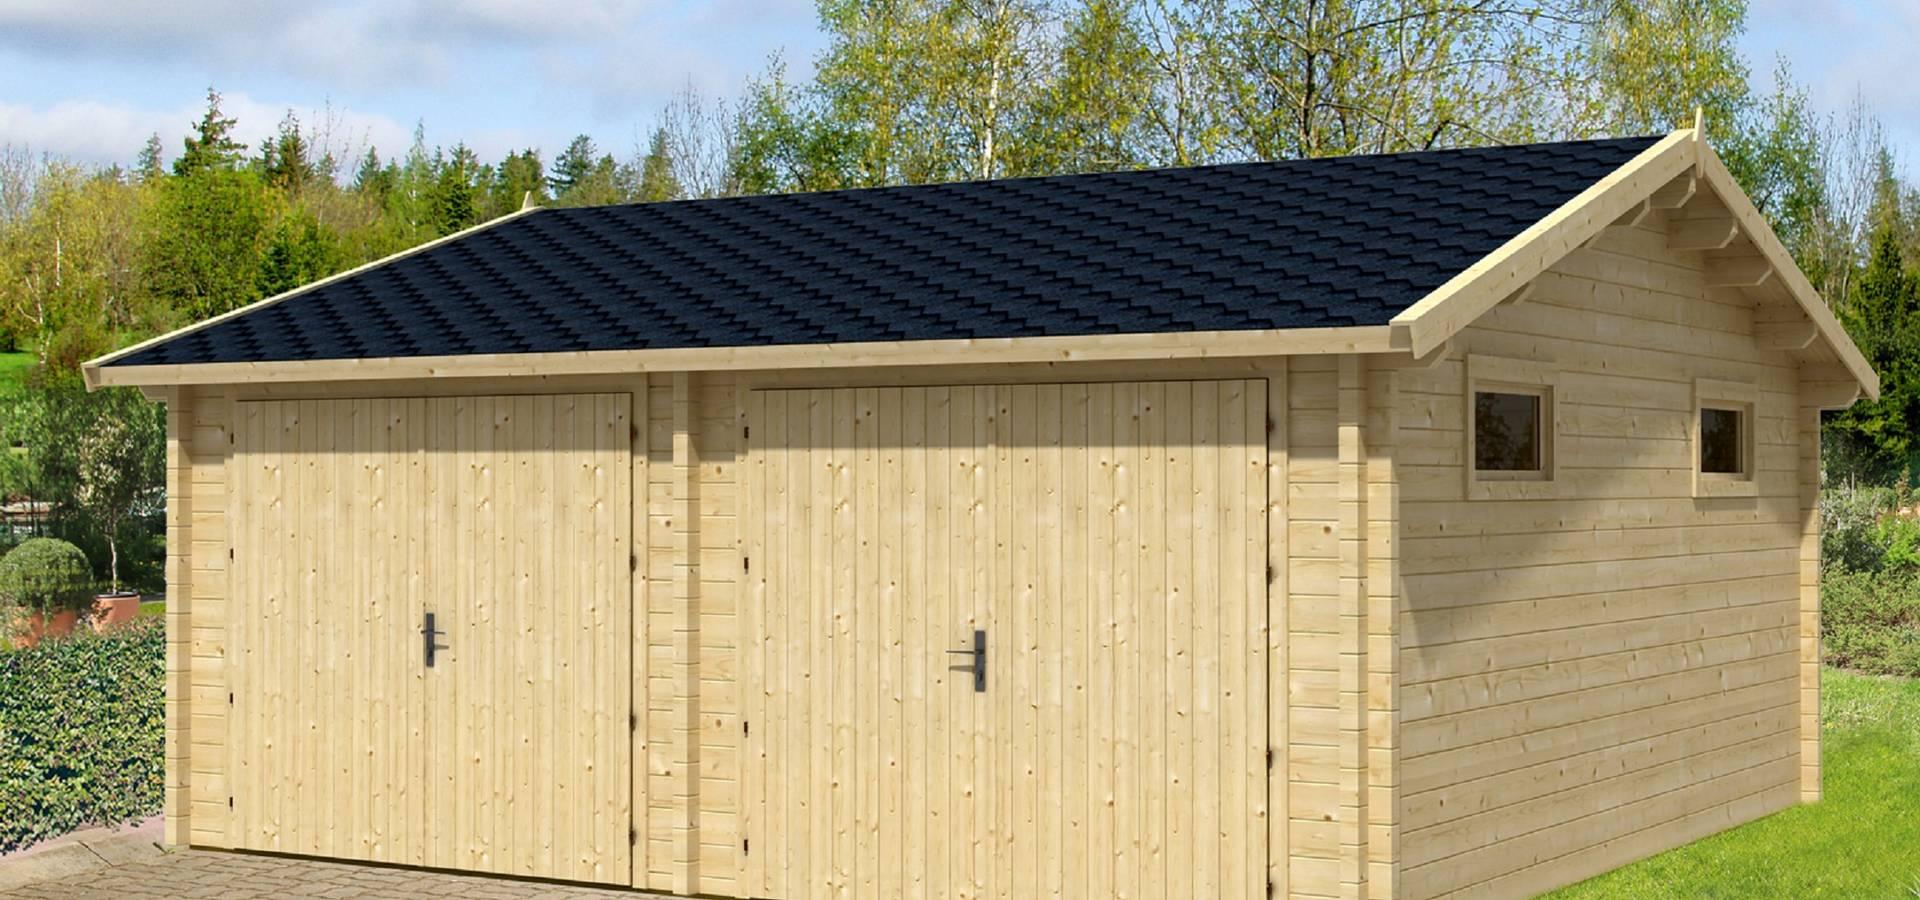 Garajes de madera de bricojardin on line slu homify - Garajes prefabricados de madera ...